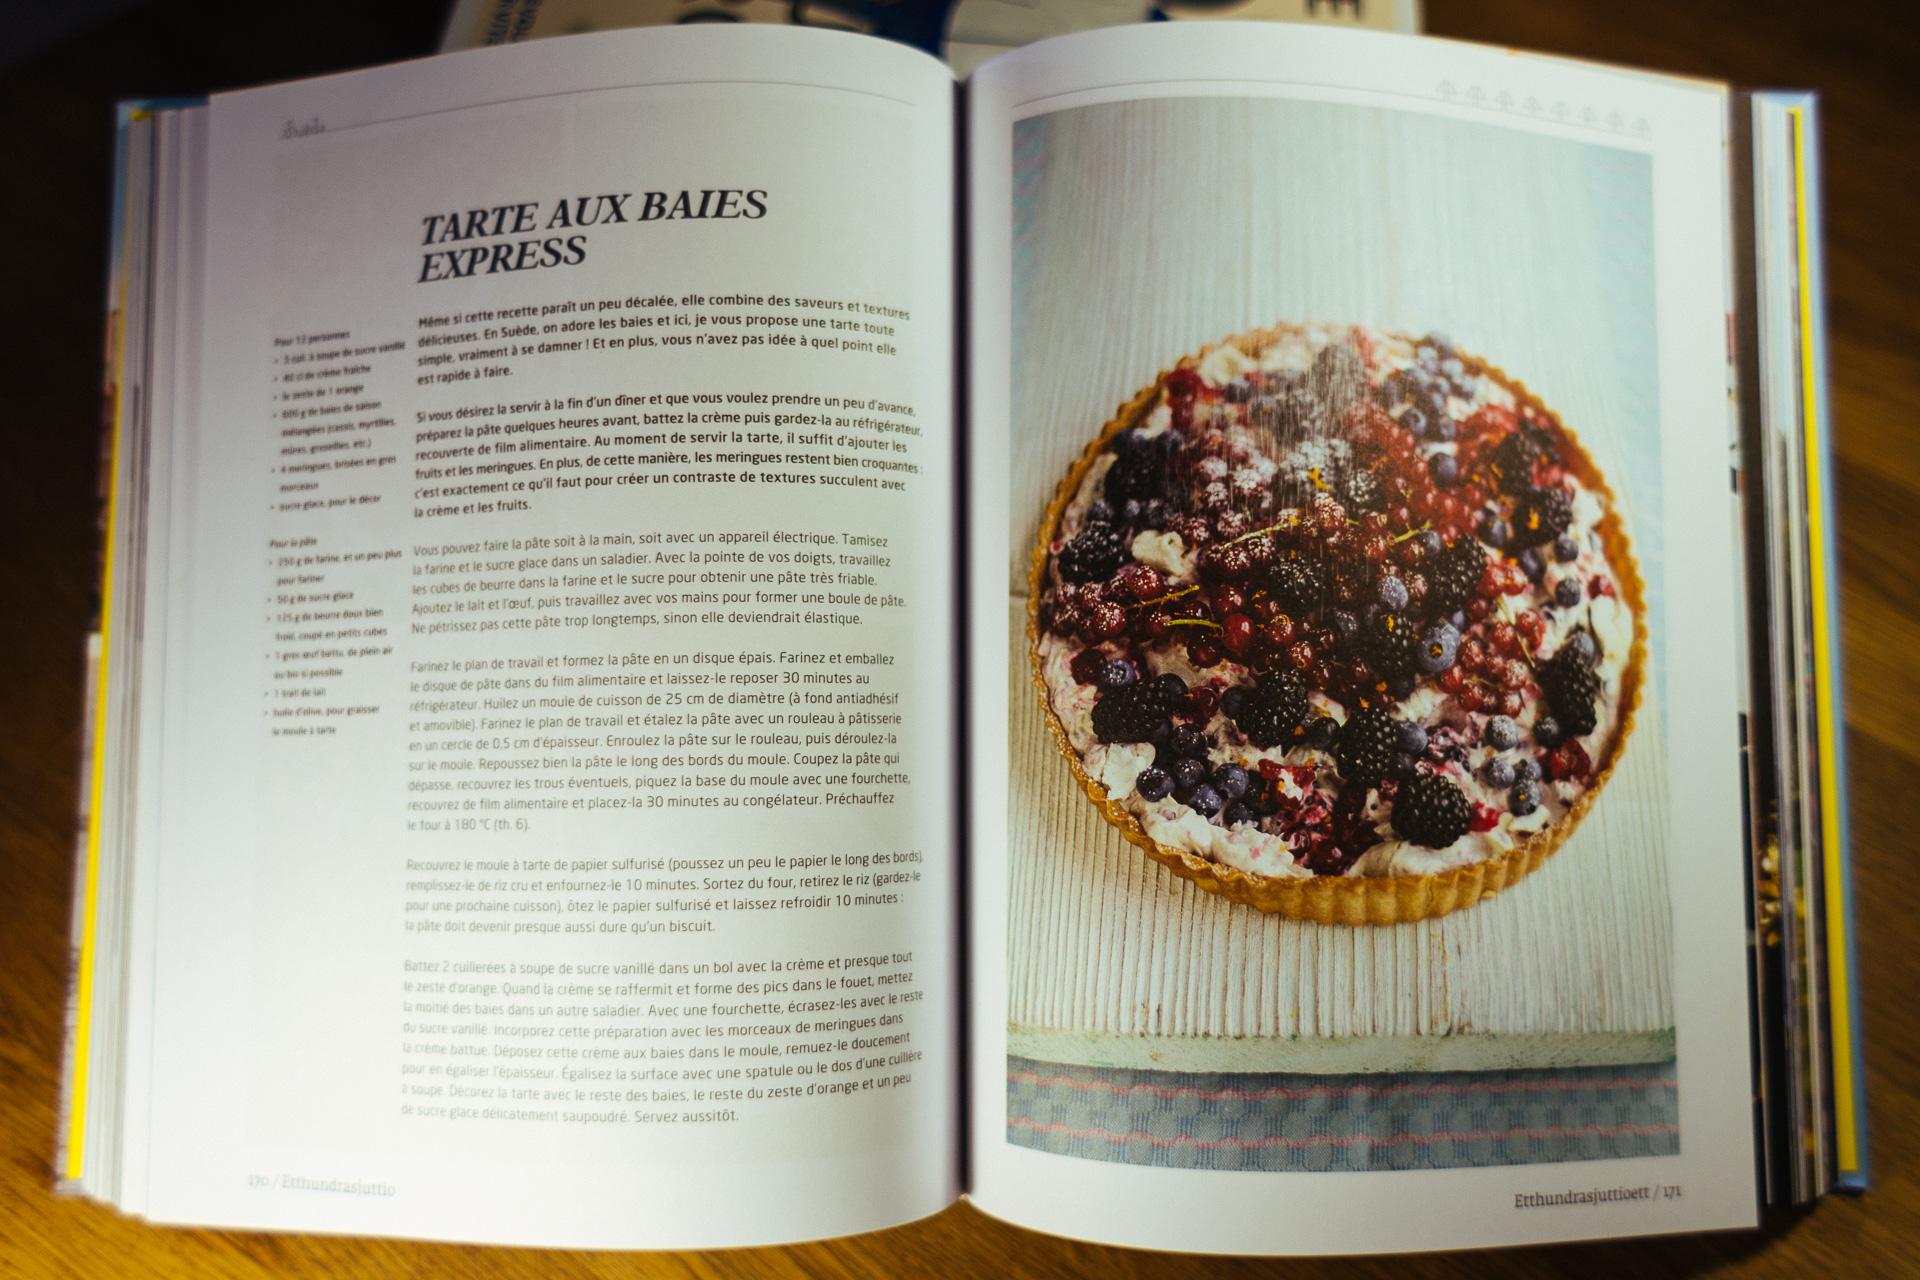 Les carnets de route de jamie oliver yummy planet - Recette de jamie oliver sur cuisine tv ...